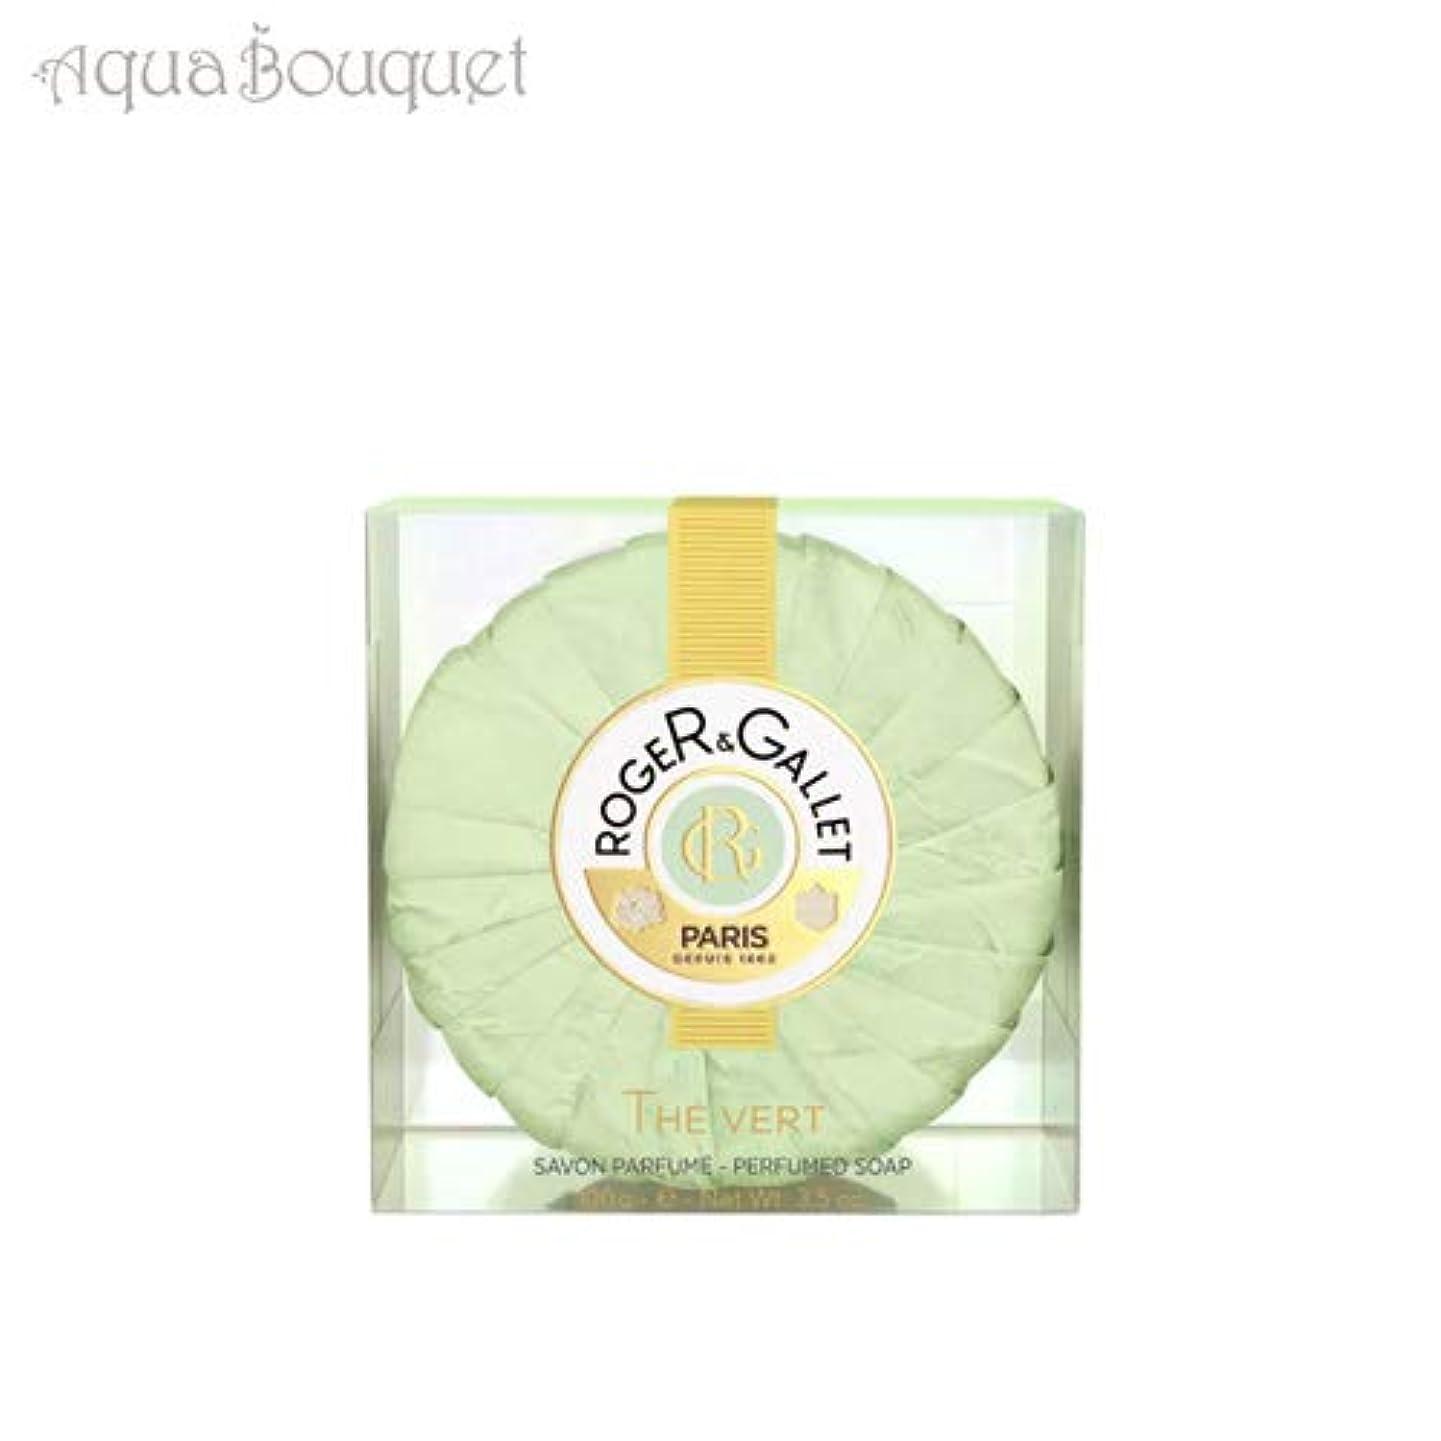 反応するロードされたレジロジェガレ グリーンティー ソープ(オーデ テ ヴェール) 香水石鹸 100g ROGER&GALLET EAU DE THE VERT (GREEN TEA) SOAP [9920] [並行輸入品]